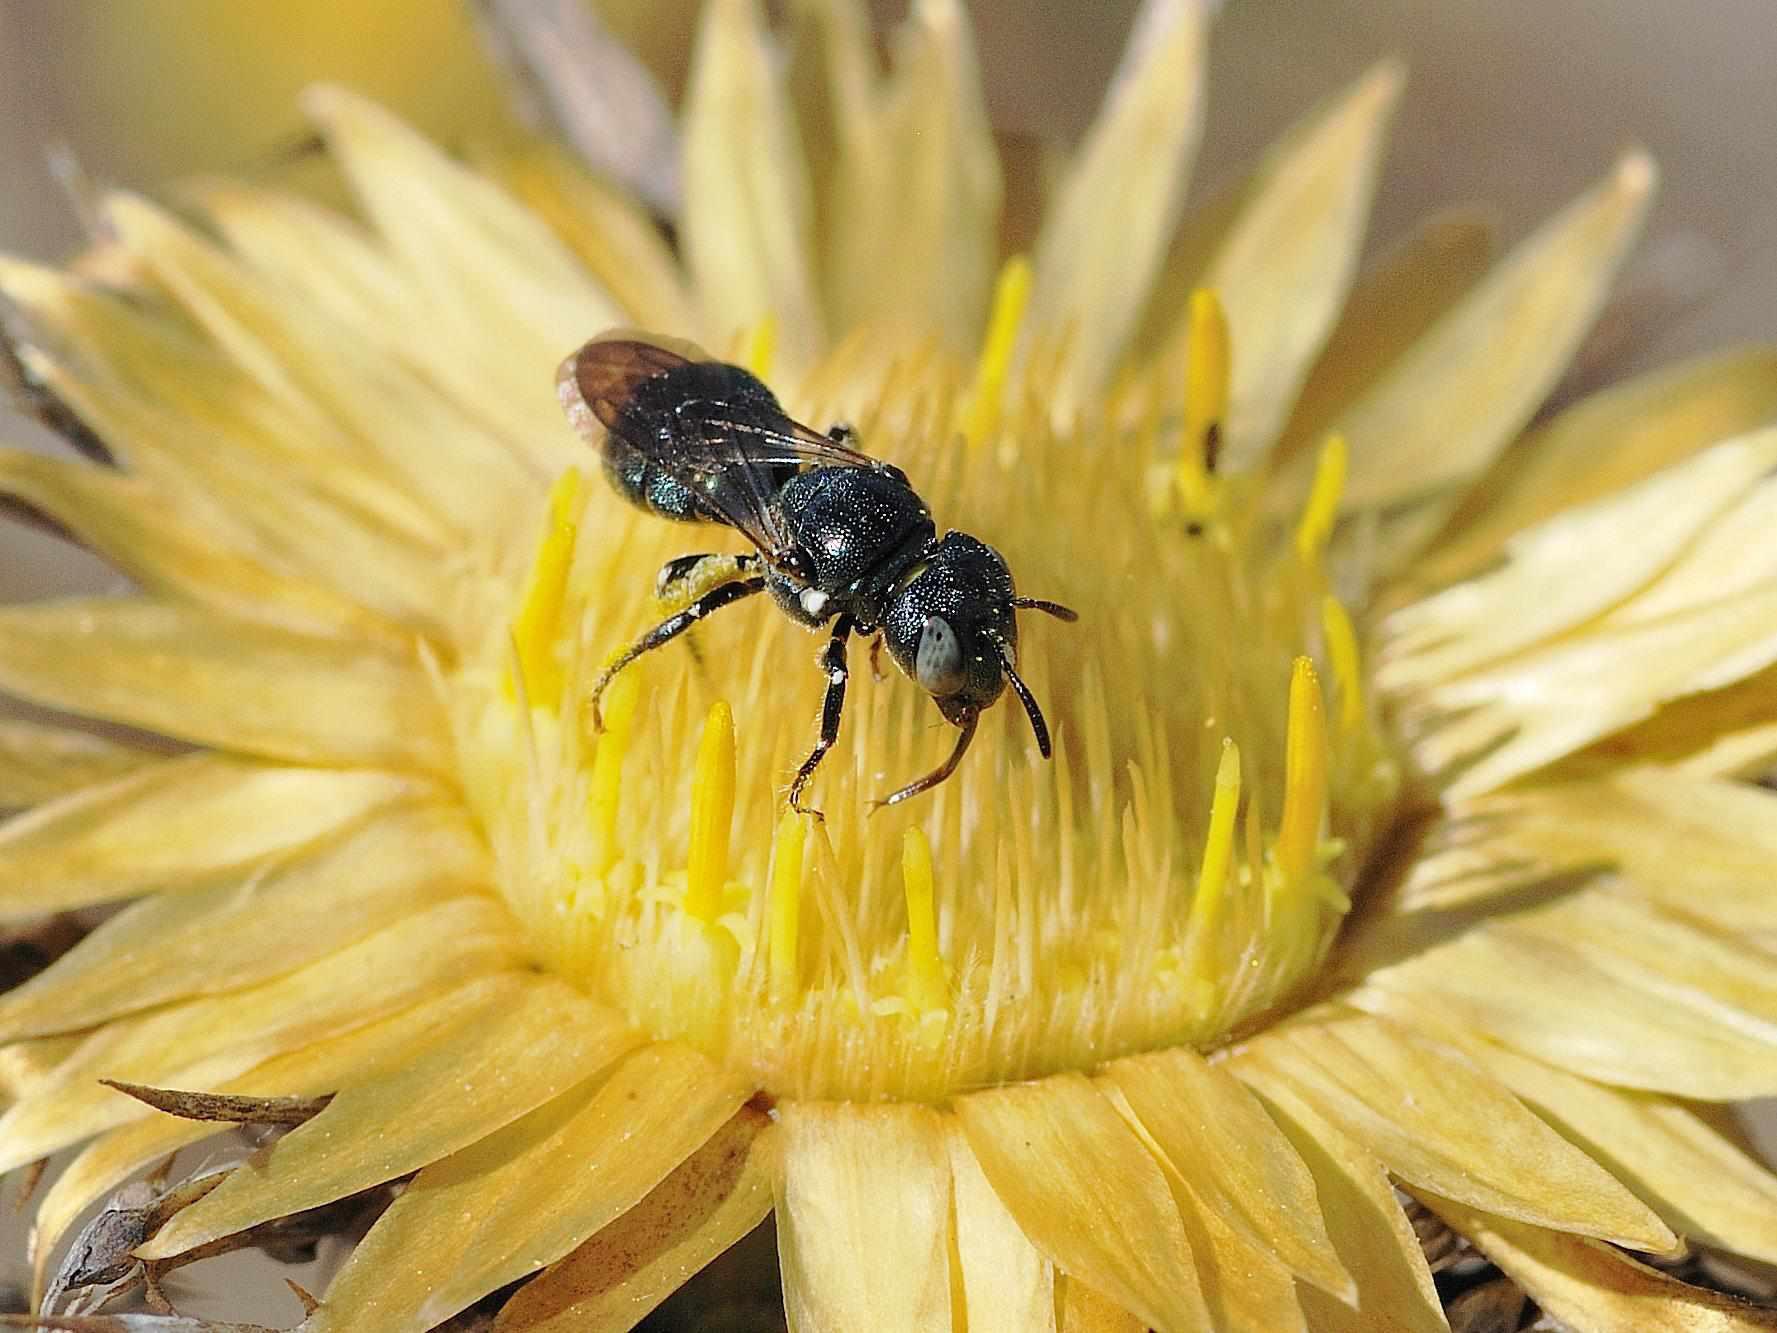 Dwarf carpenter bee.